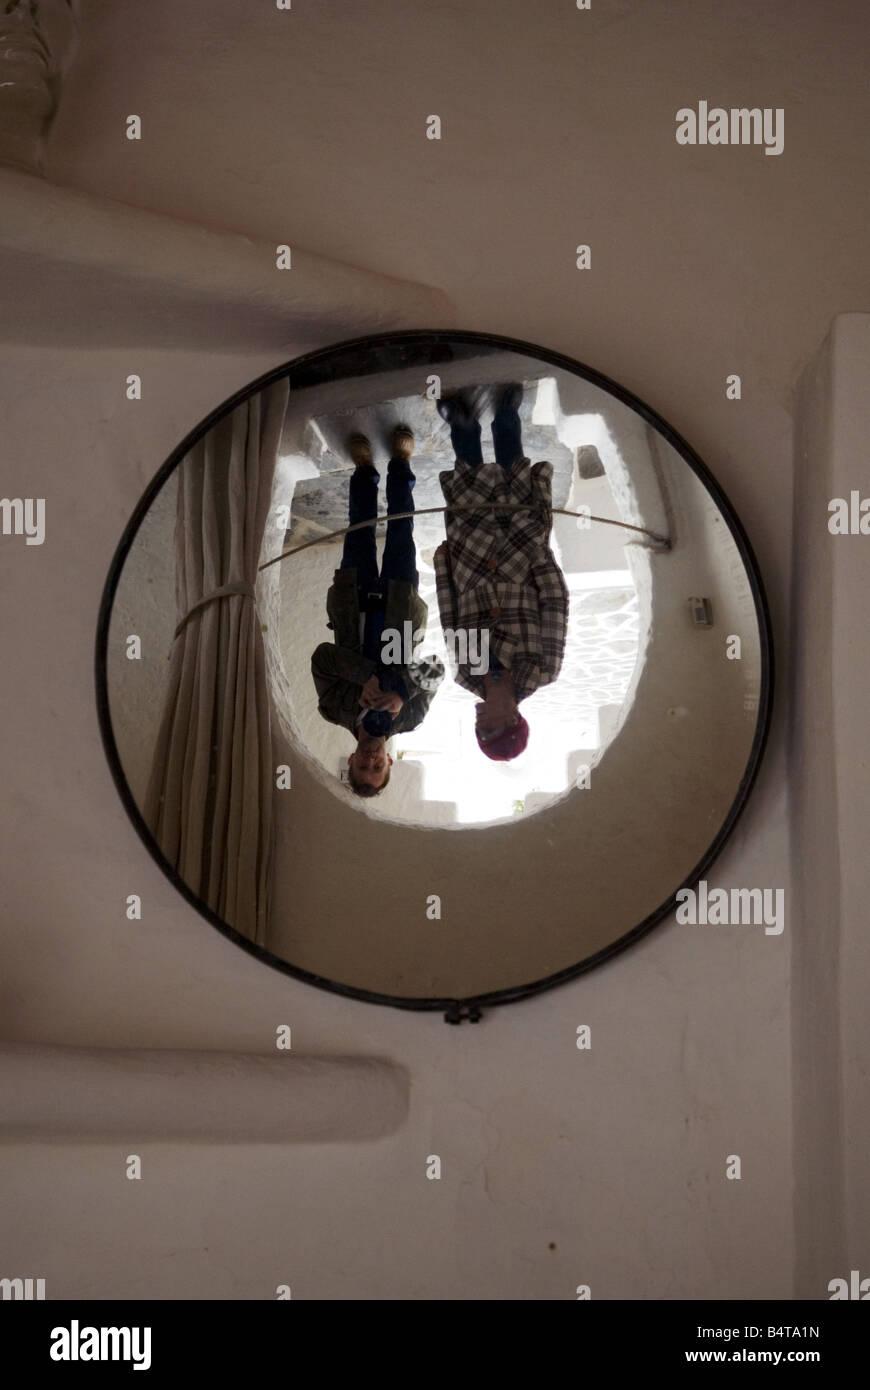 paar in der Tür stehend reflektiert kopfüber in konvexe Spiegel Stockbild